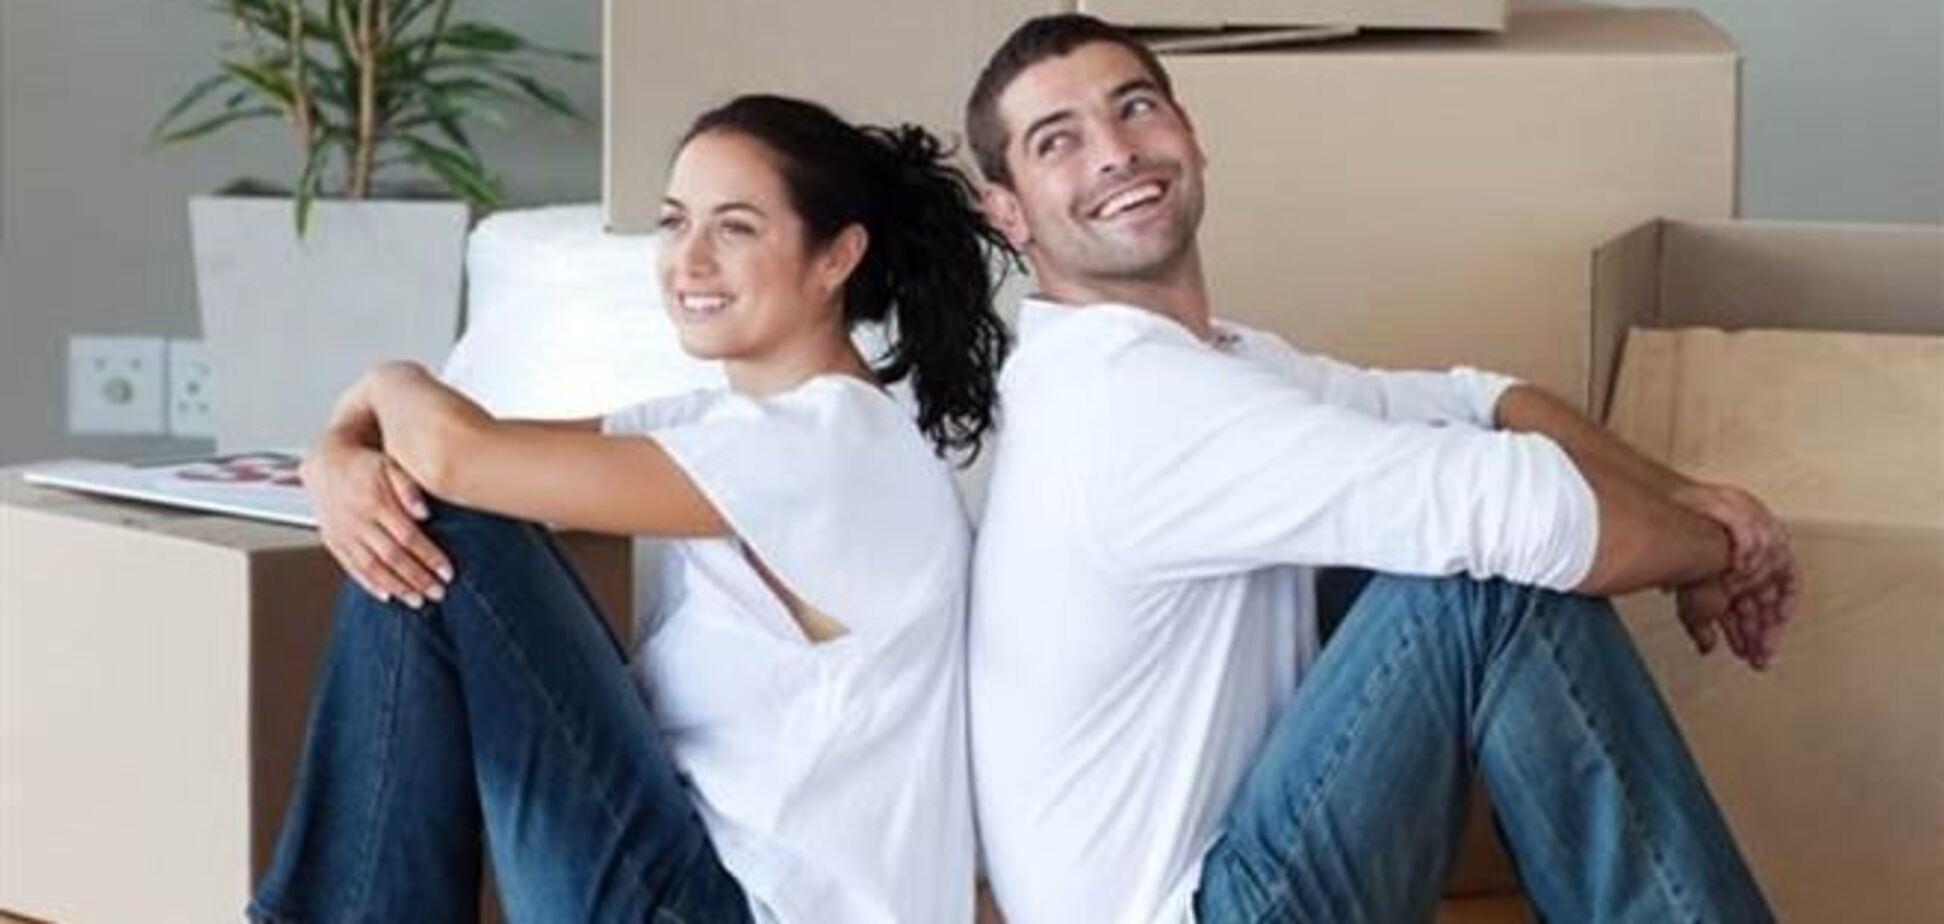 Боясь обесценивания гривни, люди стали активнее вкладывать в жилье - эксперт